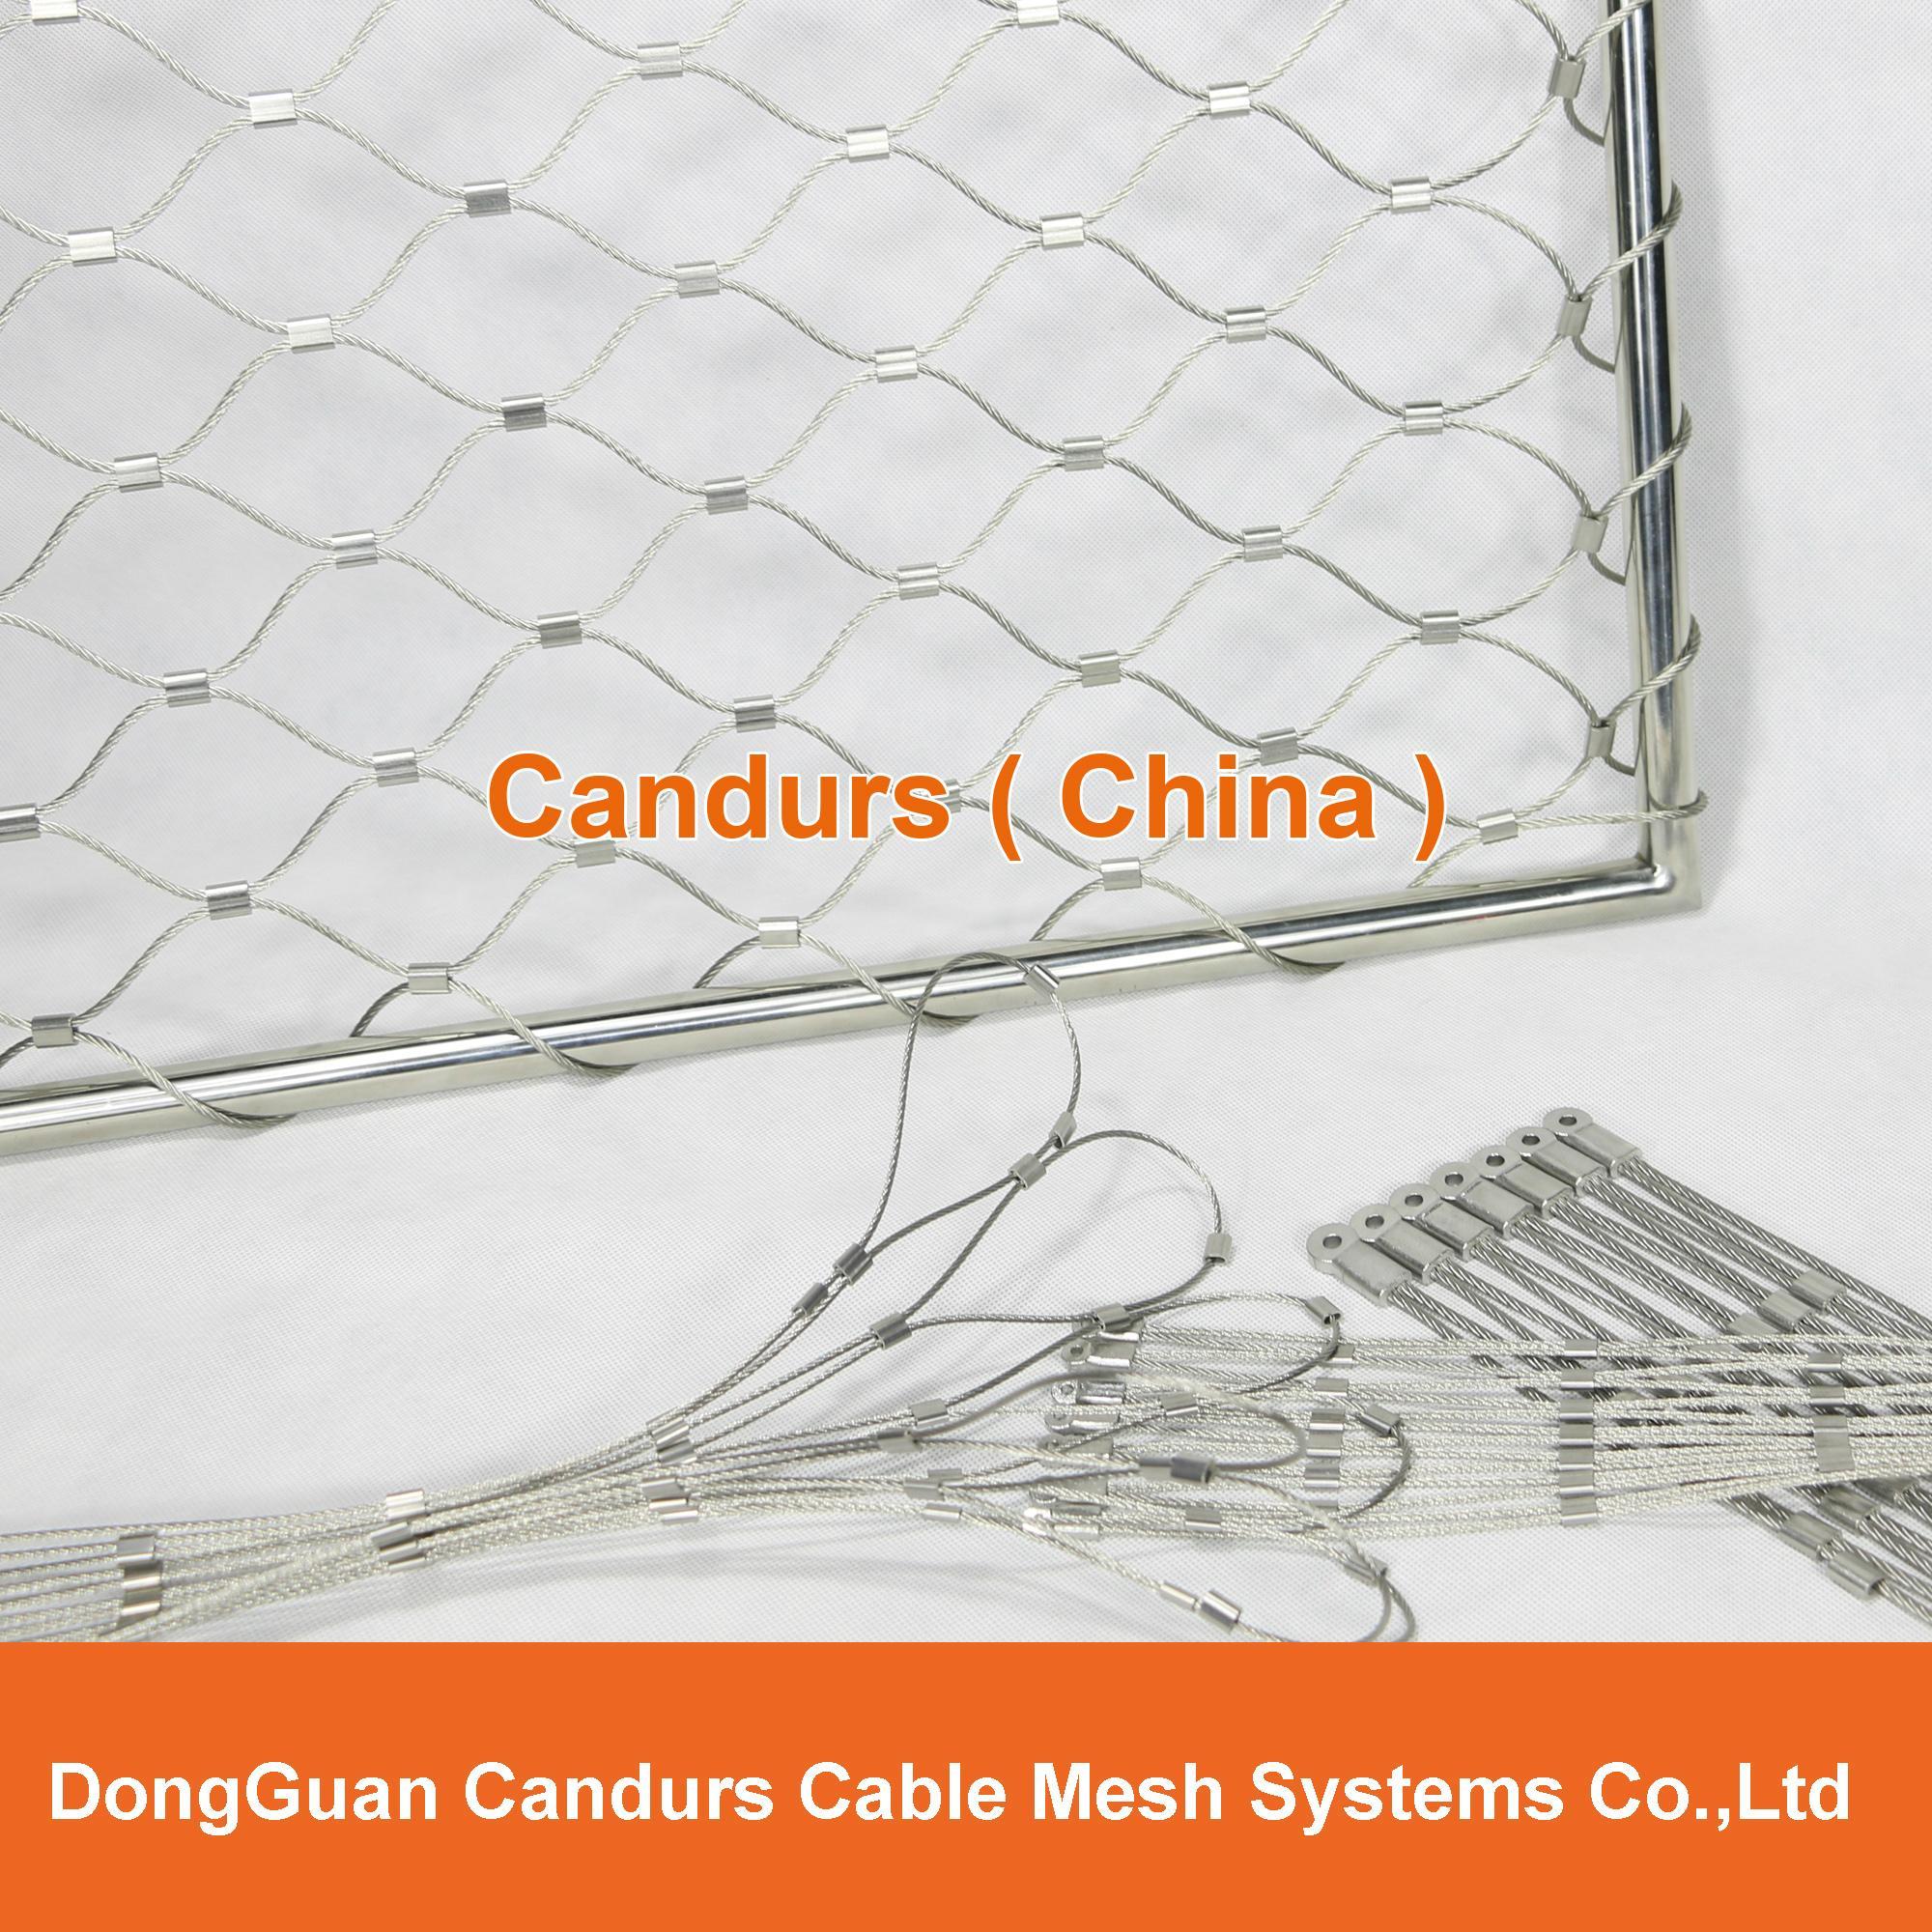 柔性隔離防護繩網 11